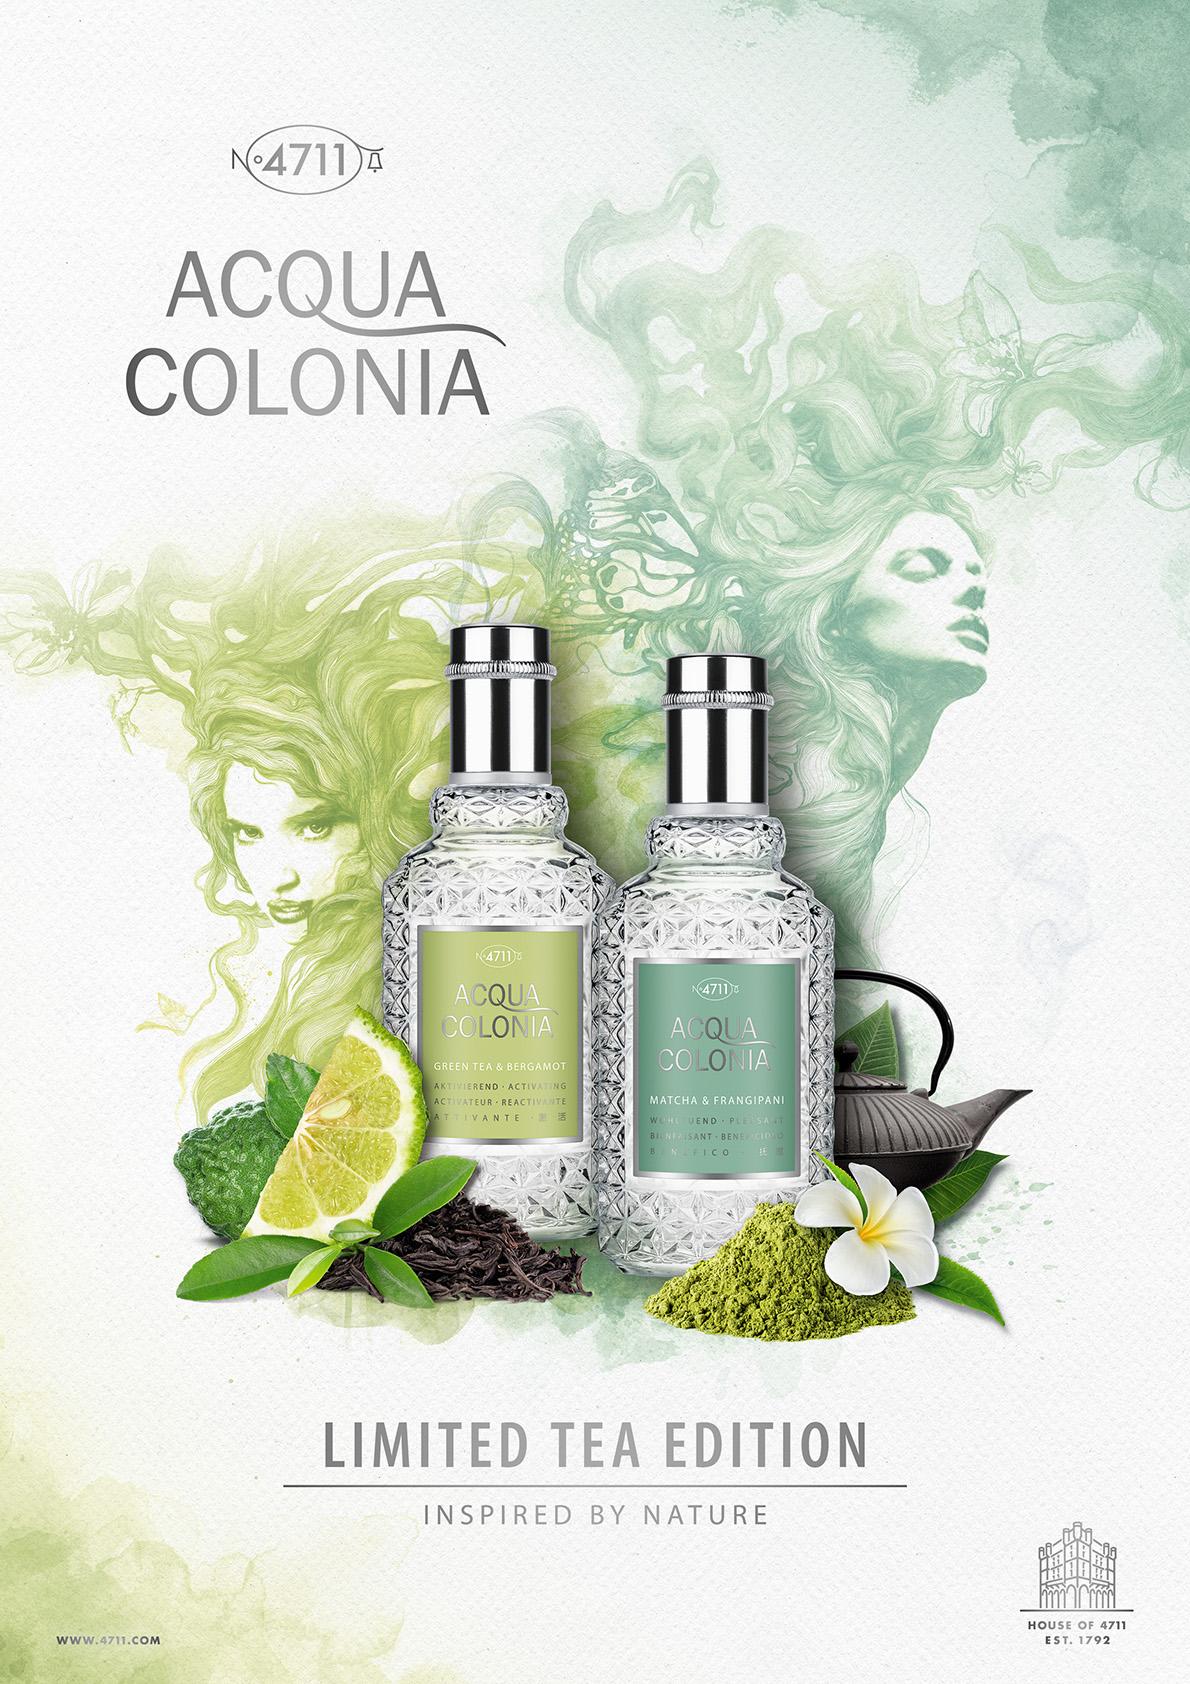 Dies ist ein Bild von Acqua Colonia 4711 Tea Edition